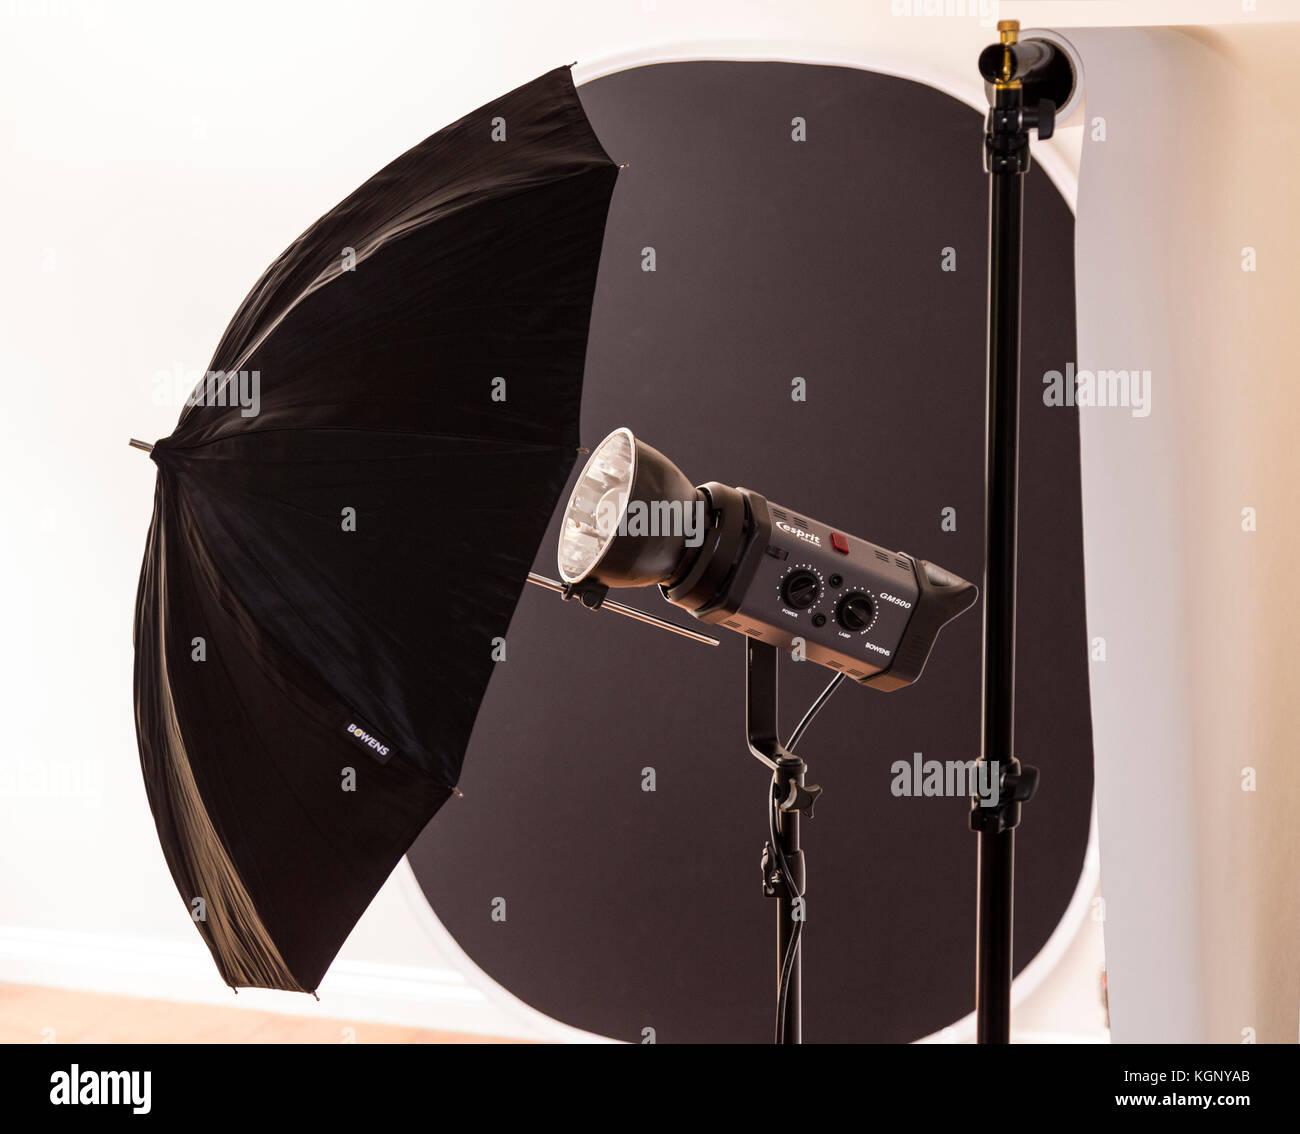 Fotostudio equipmemnt, Bowens flash, rollenpapier Kulisse, und falten Schwarz zurück fallen. Stockbild